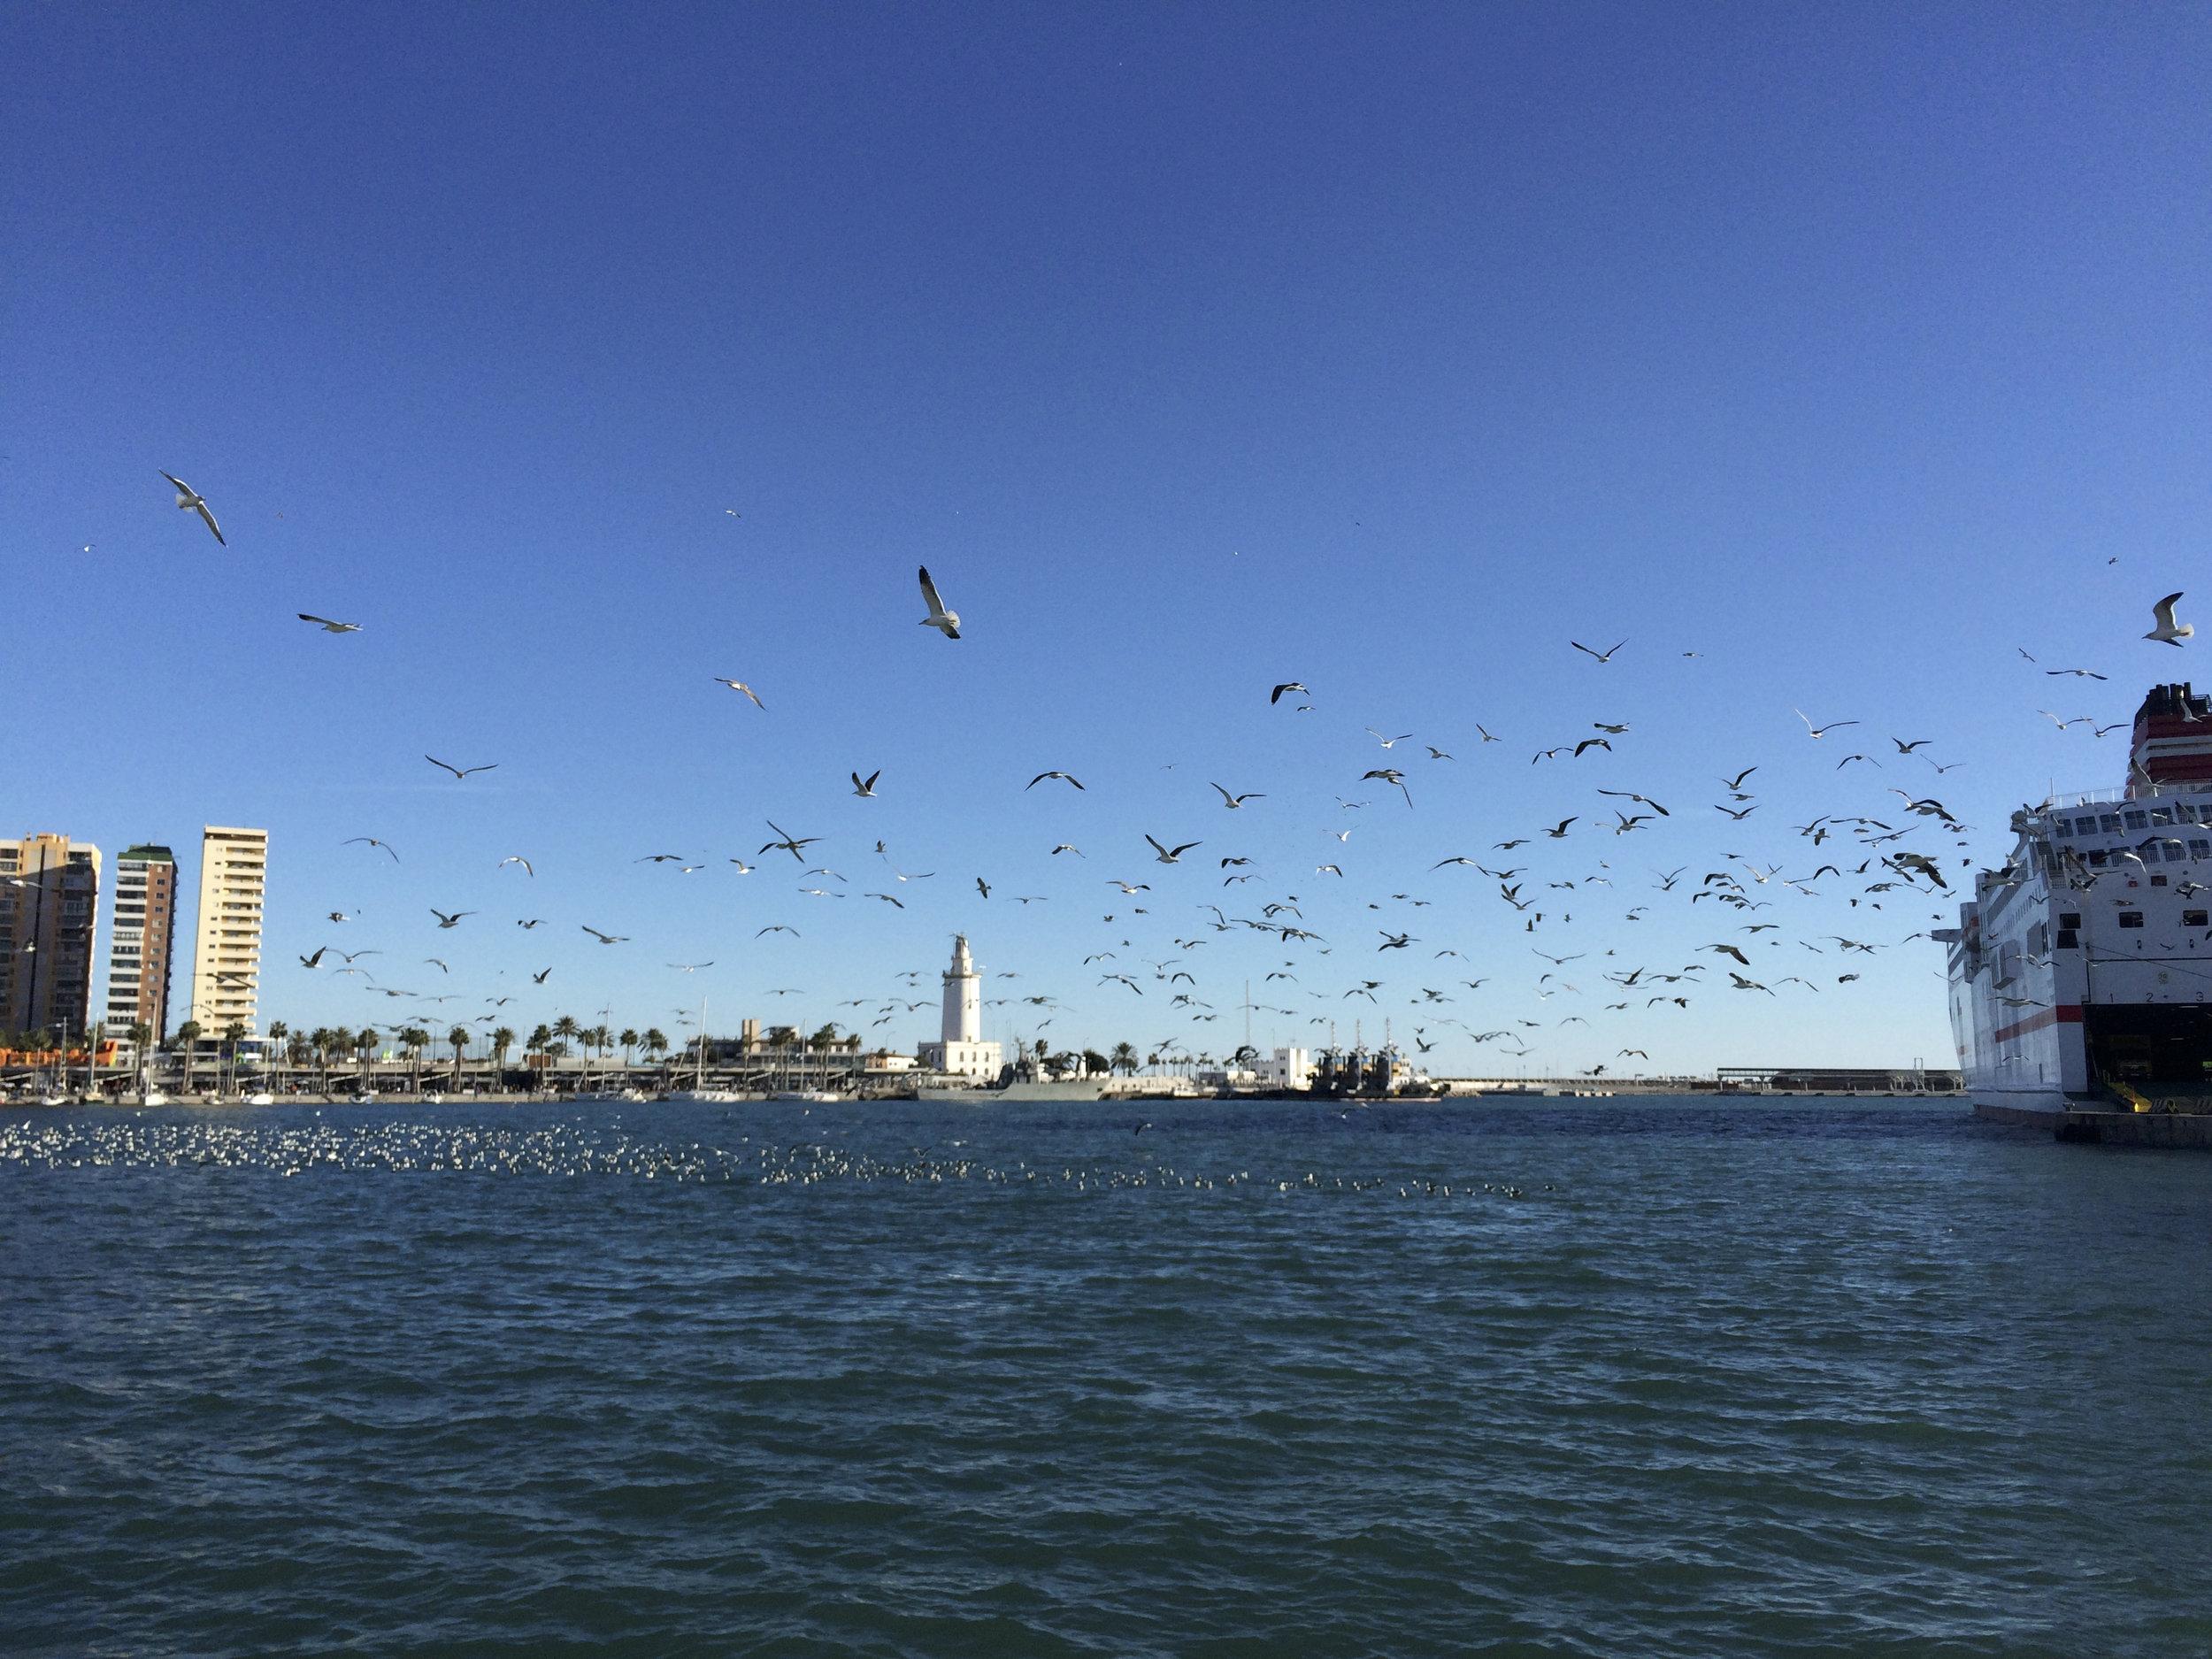 Baignade des mouettes et goélands dans le port de Malaga